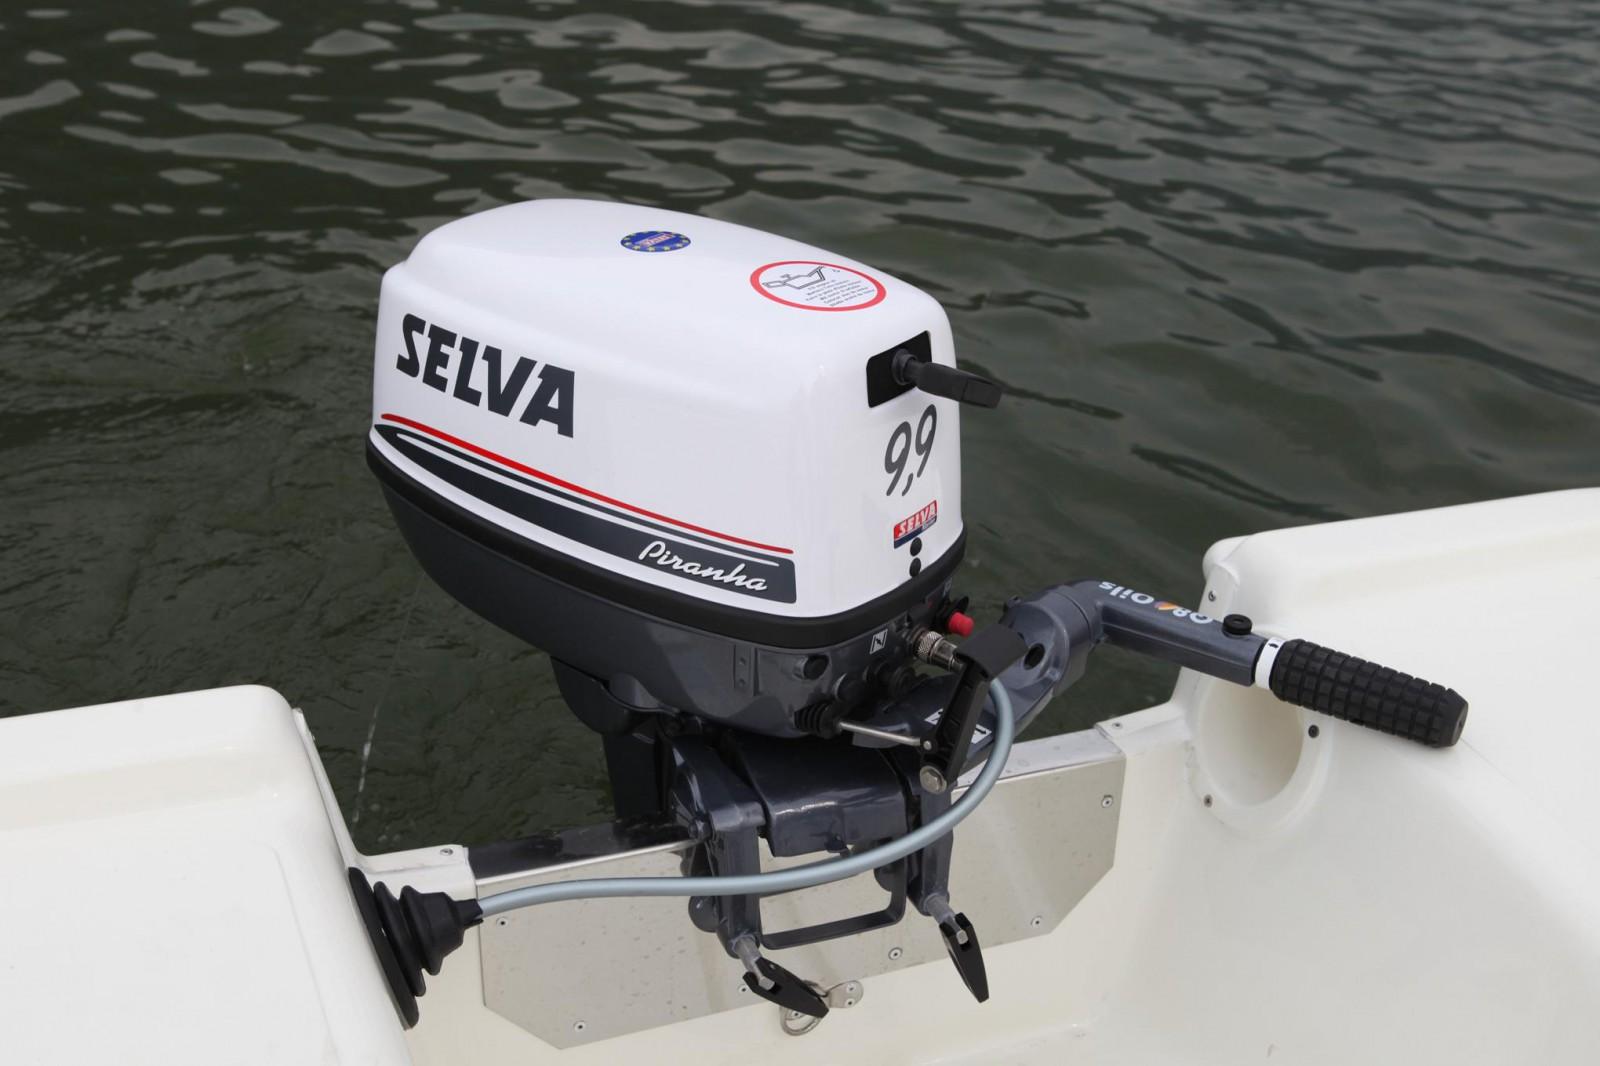 ветерок 9.9 лодочные моторы производитель